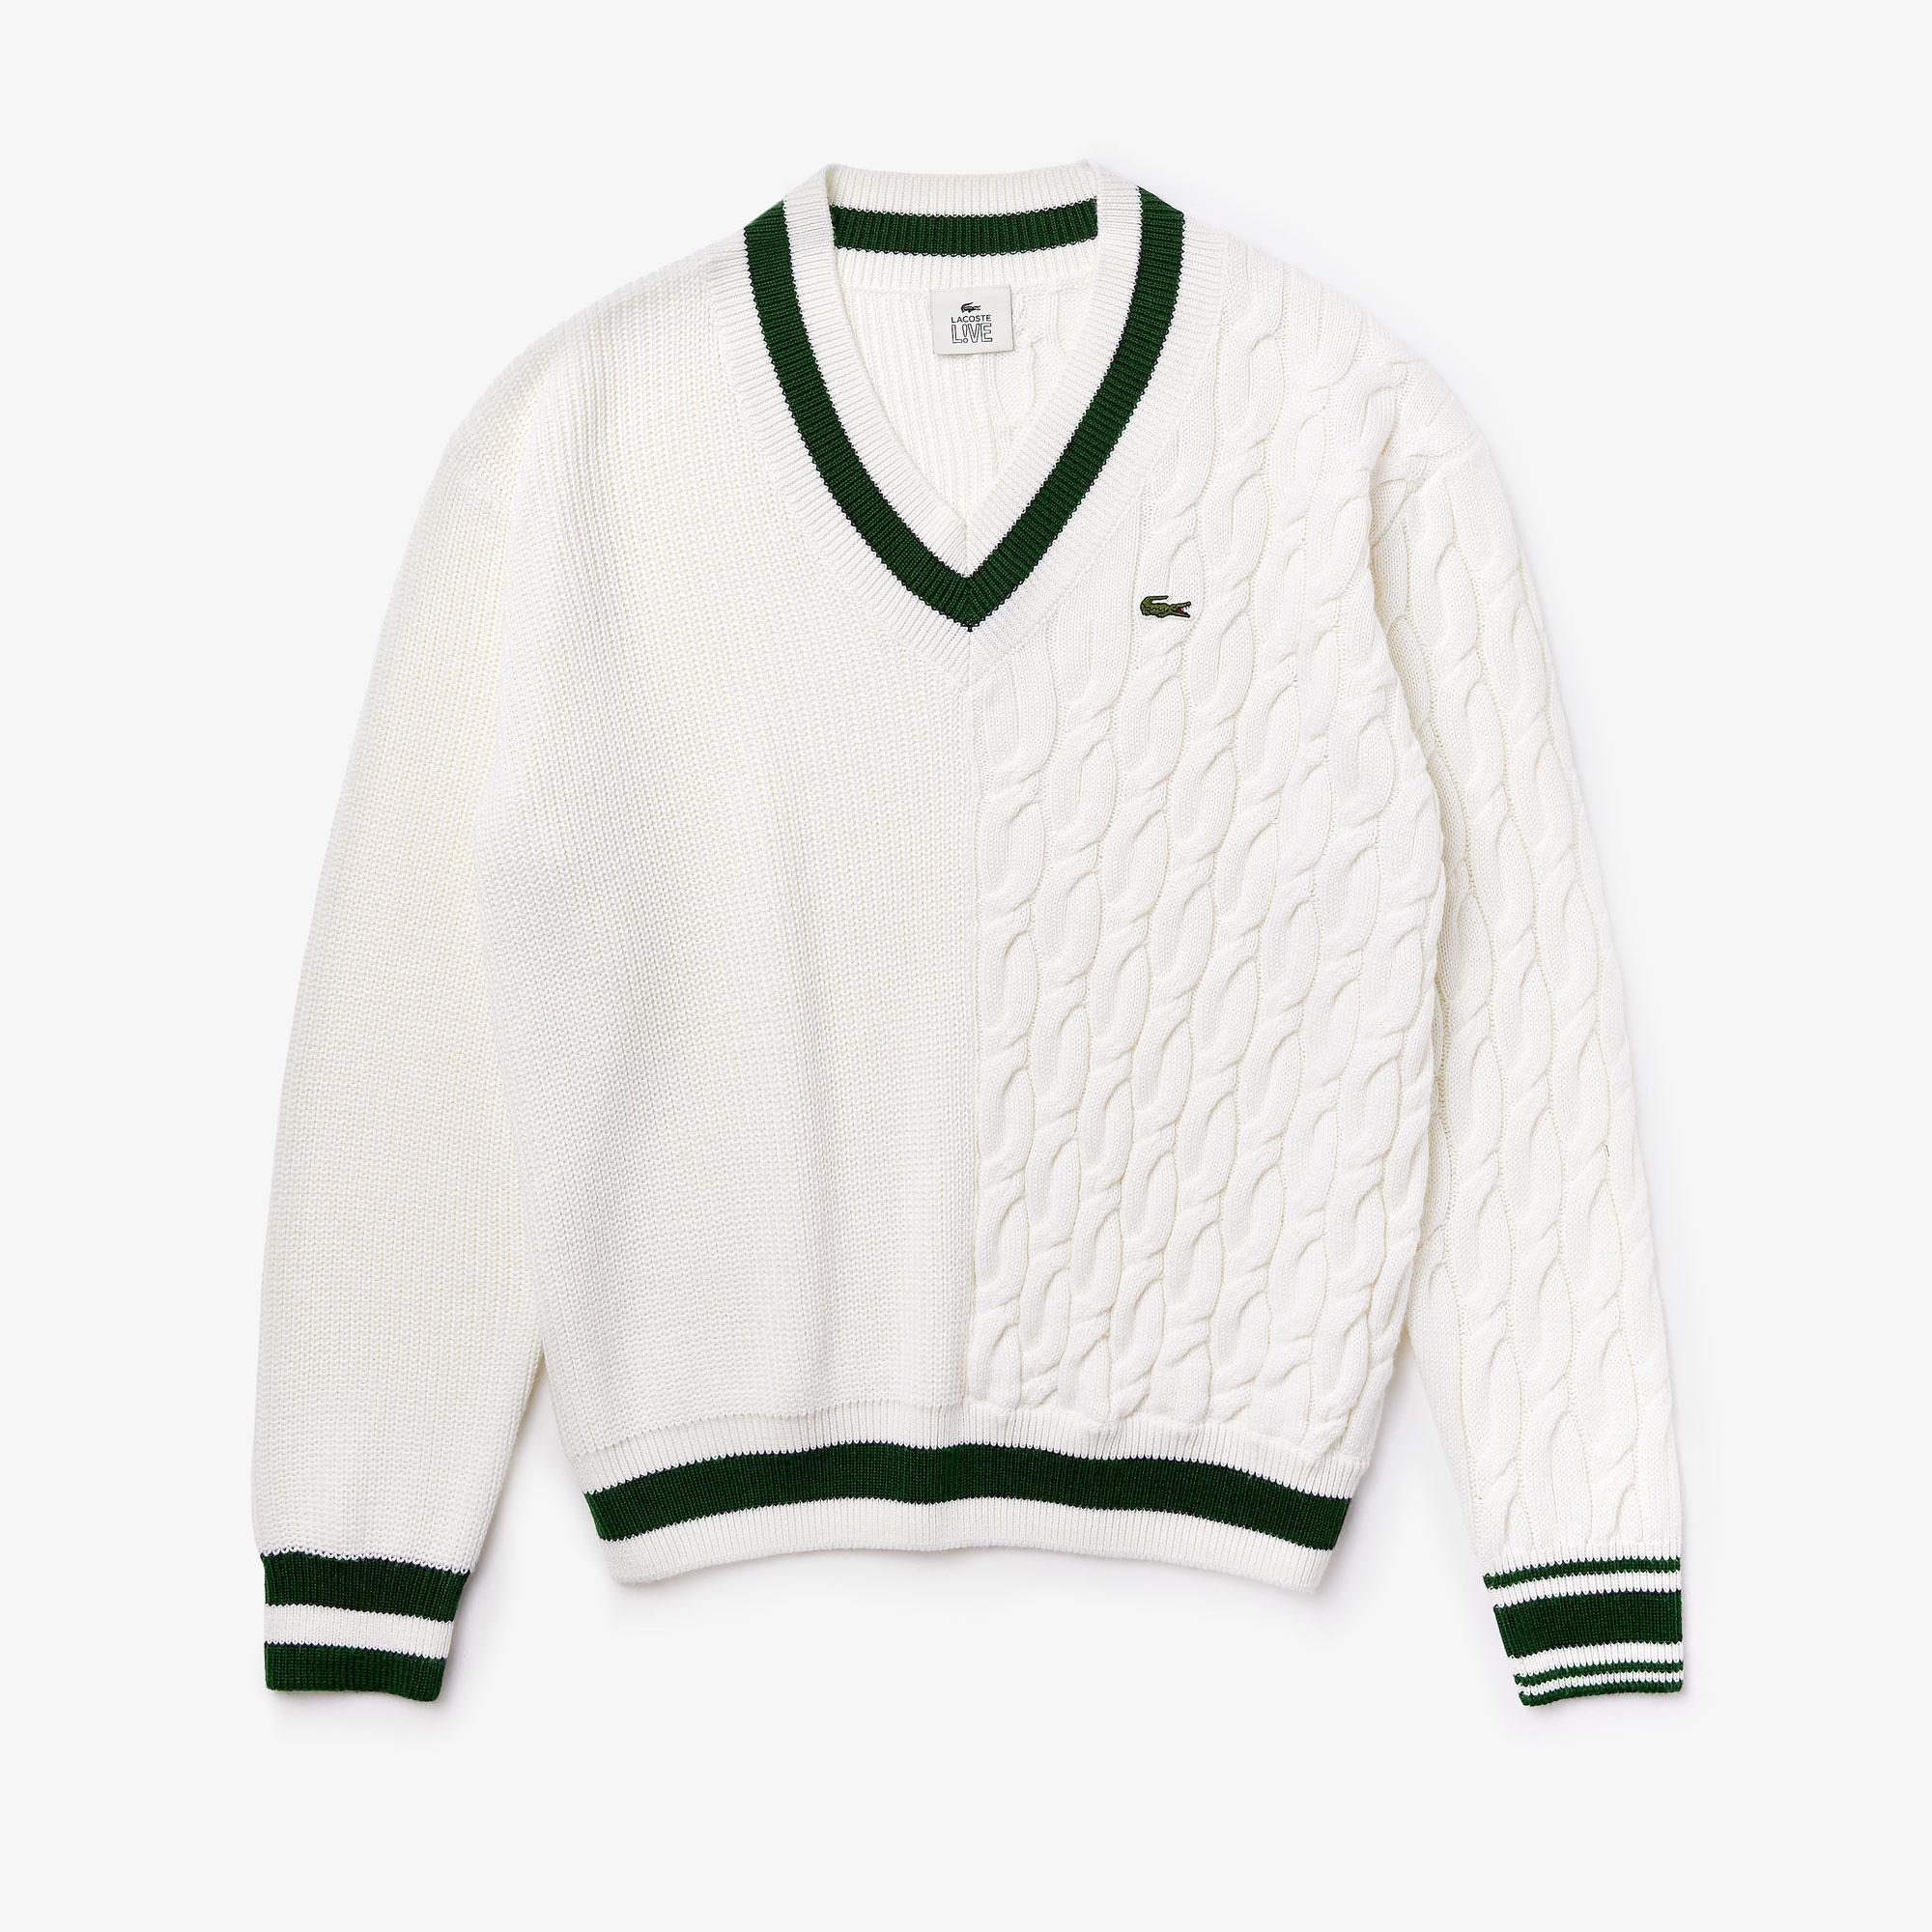 Lacoste светр унісекс LIVE з V-вирізом